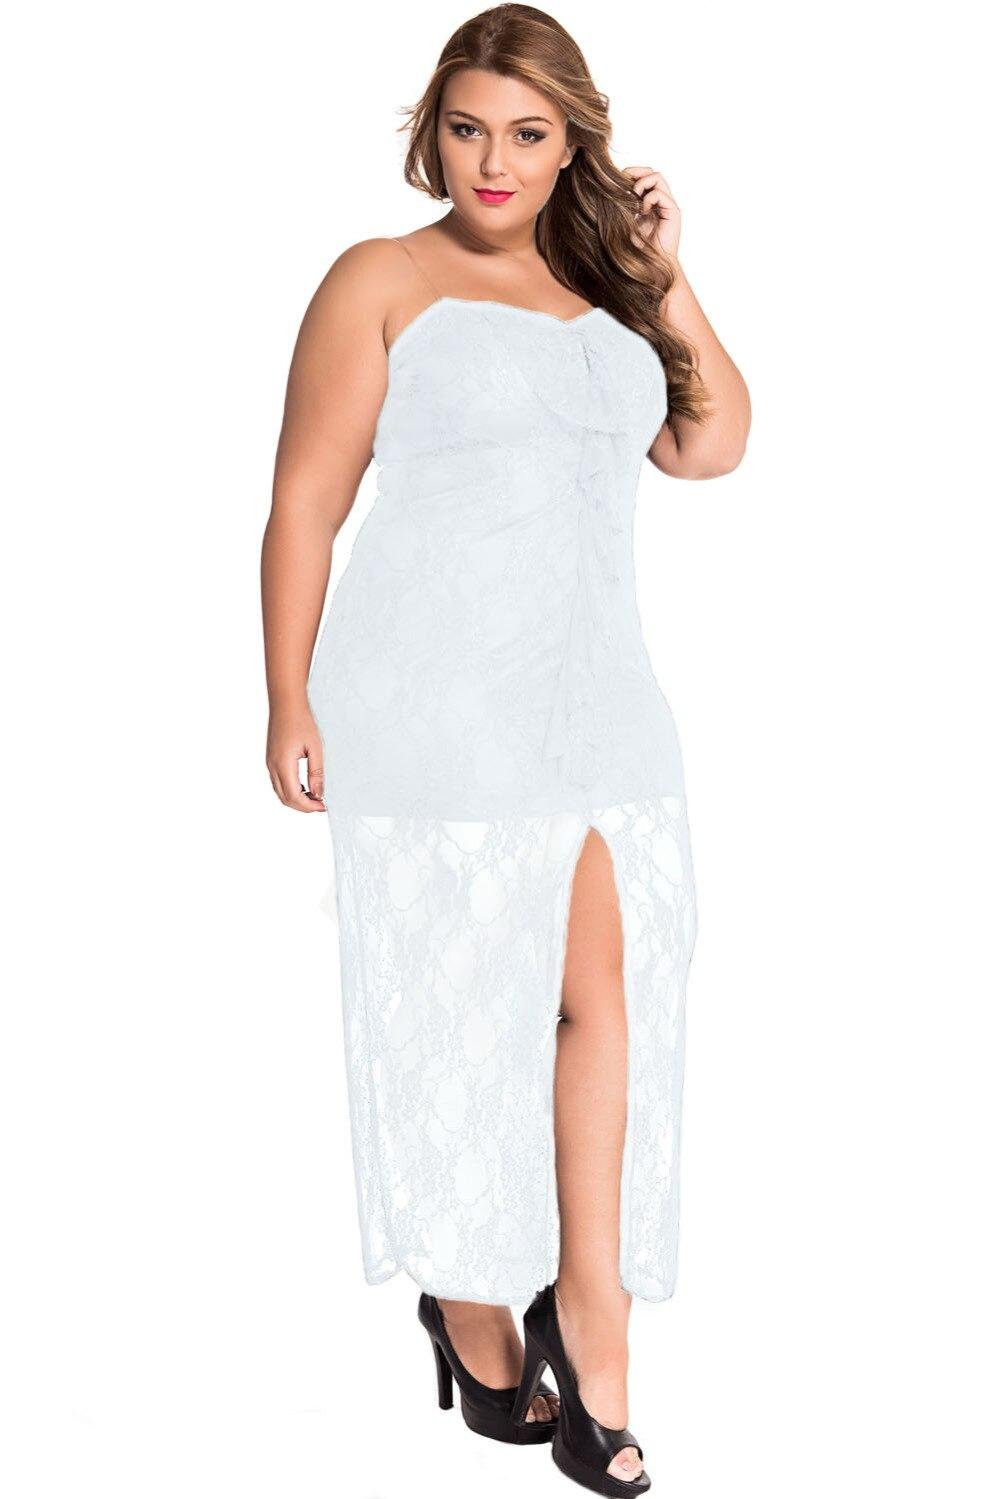 Online Get Cheap White Dress for Curvy Women -Aliexpress.com ...